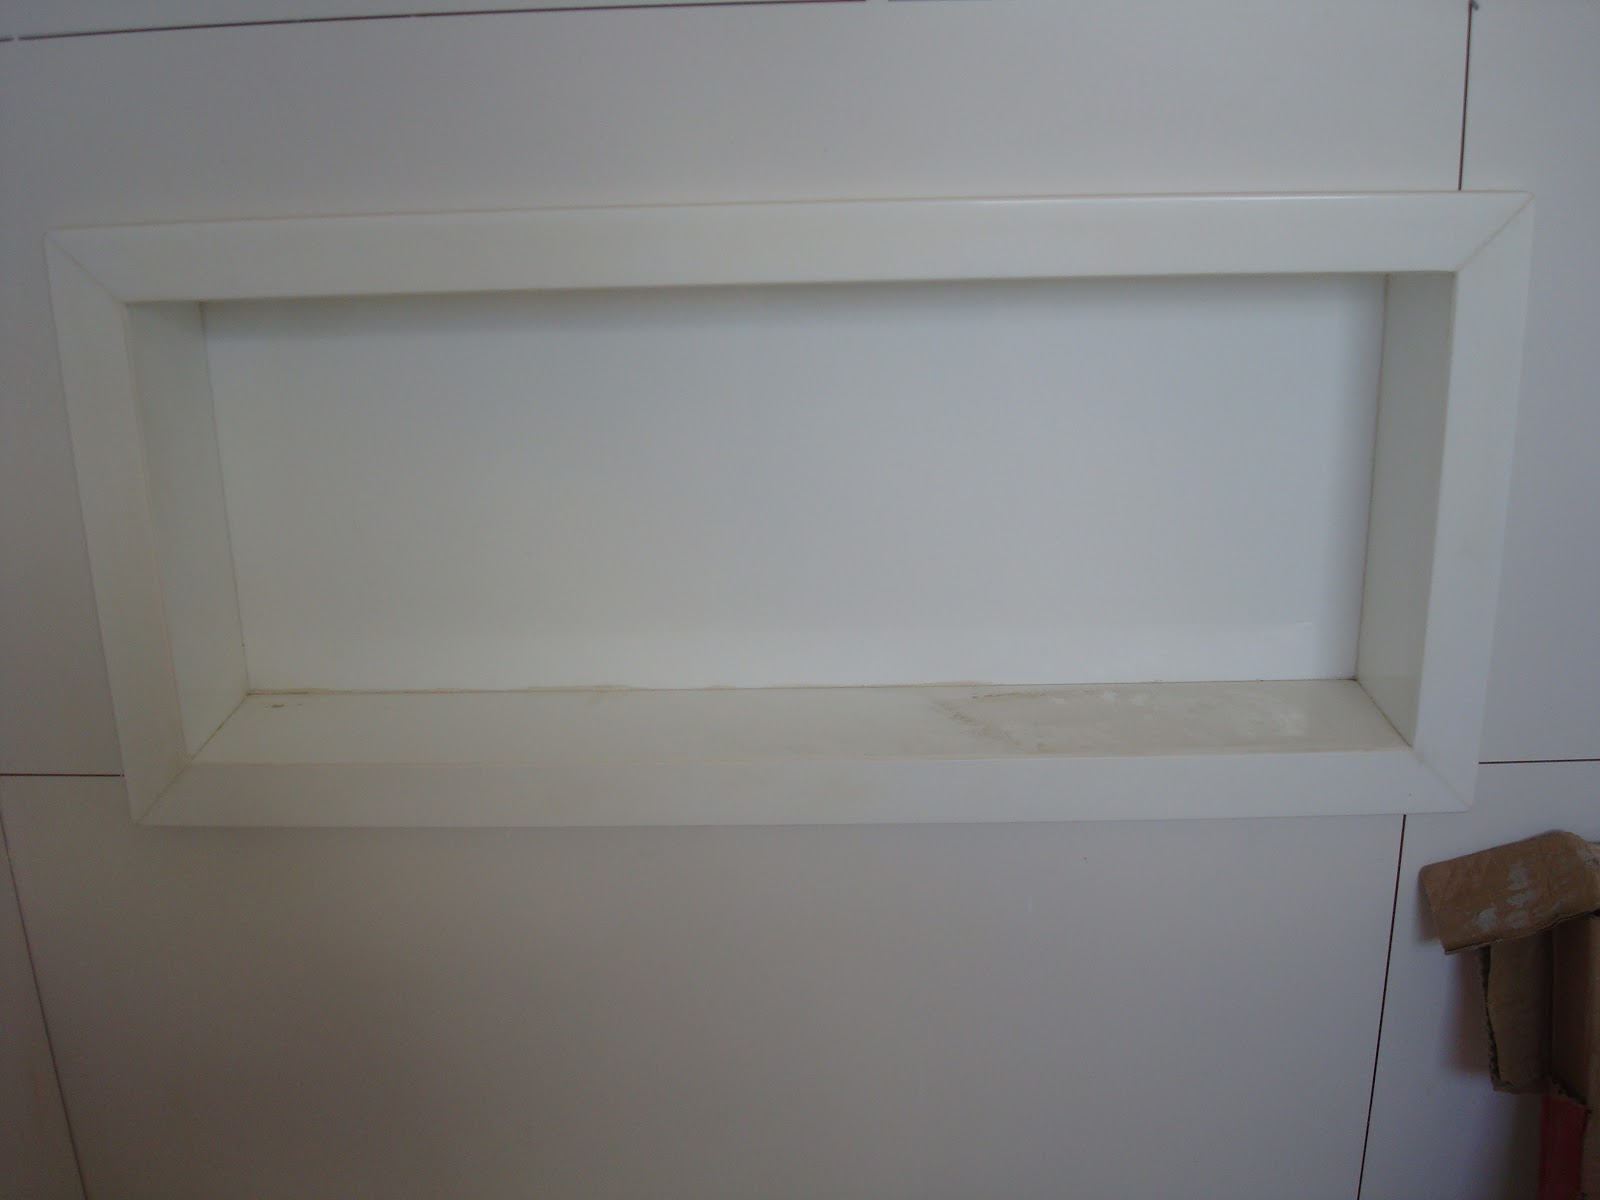 Bancada de Nanoglas as emendas estão protegidas por fita crepe pra  #40342F 1600x1200 Bancada Banheiro Material